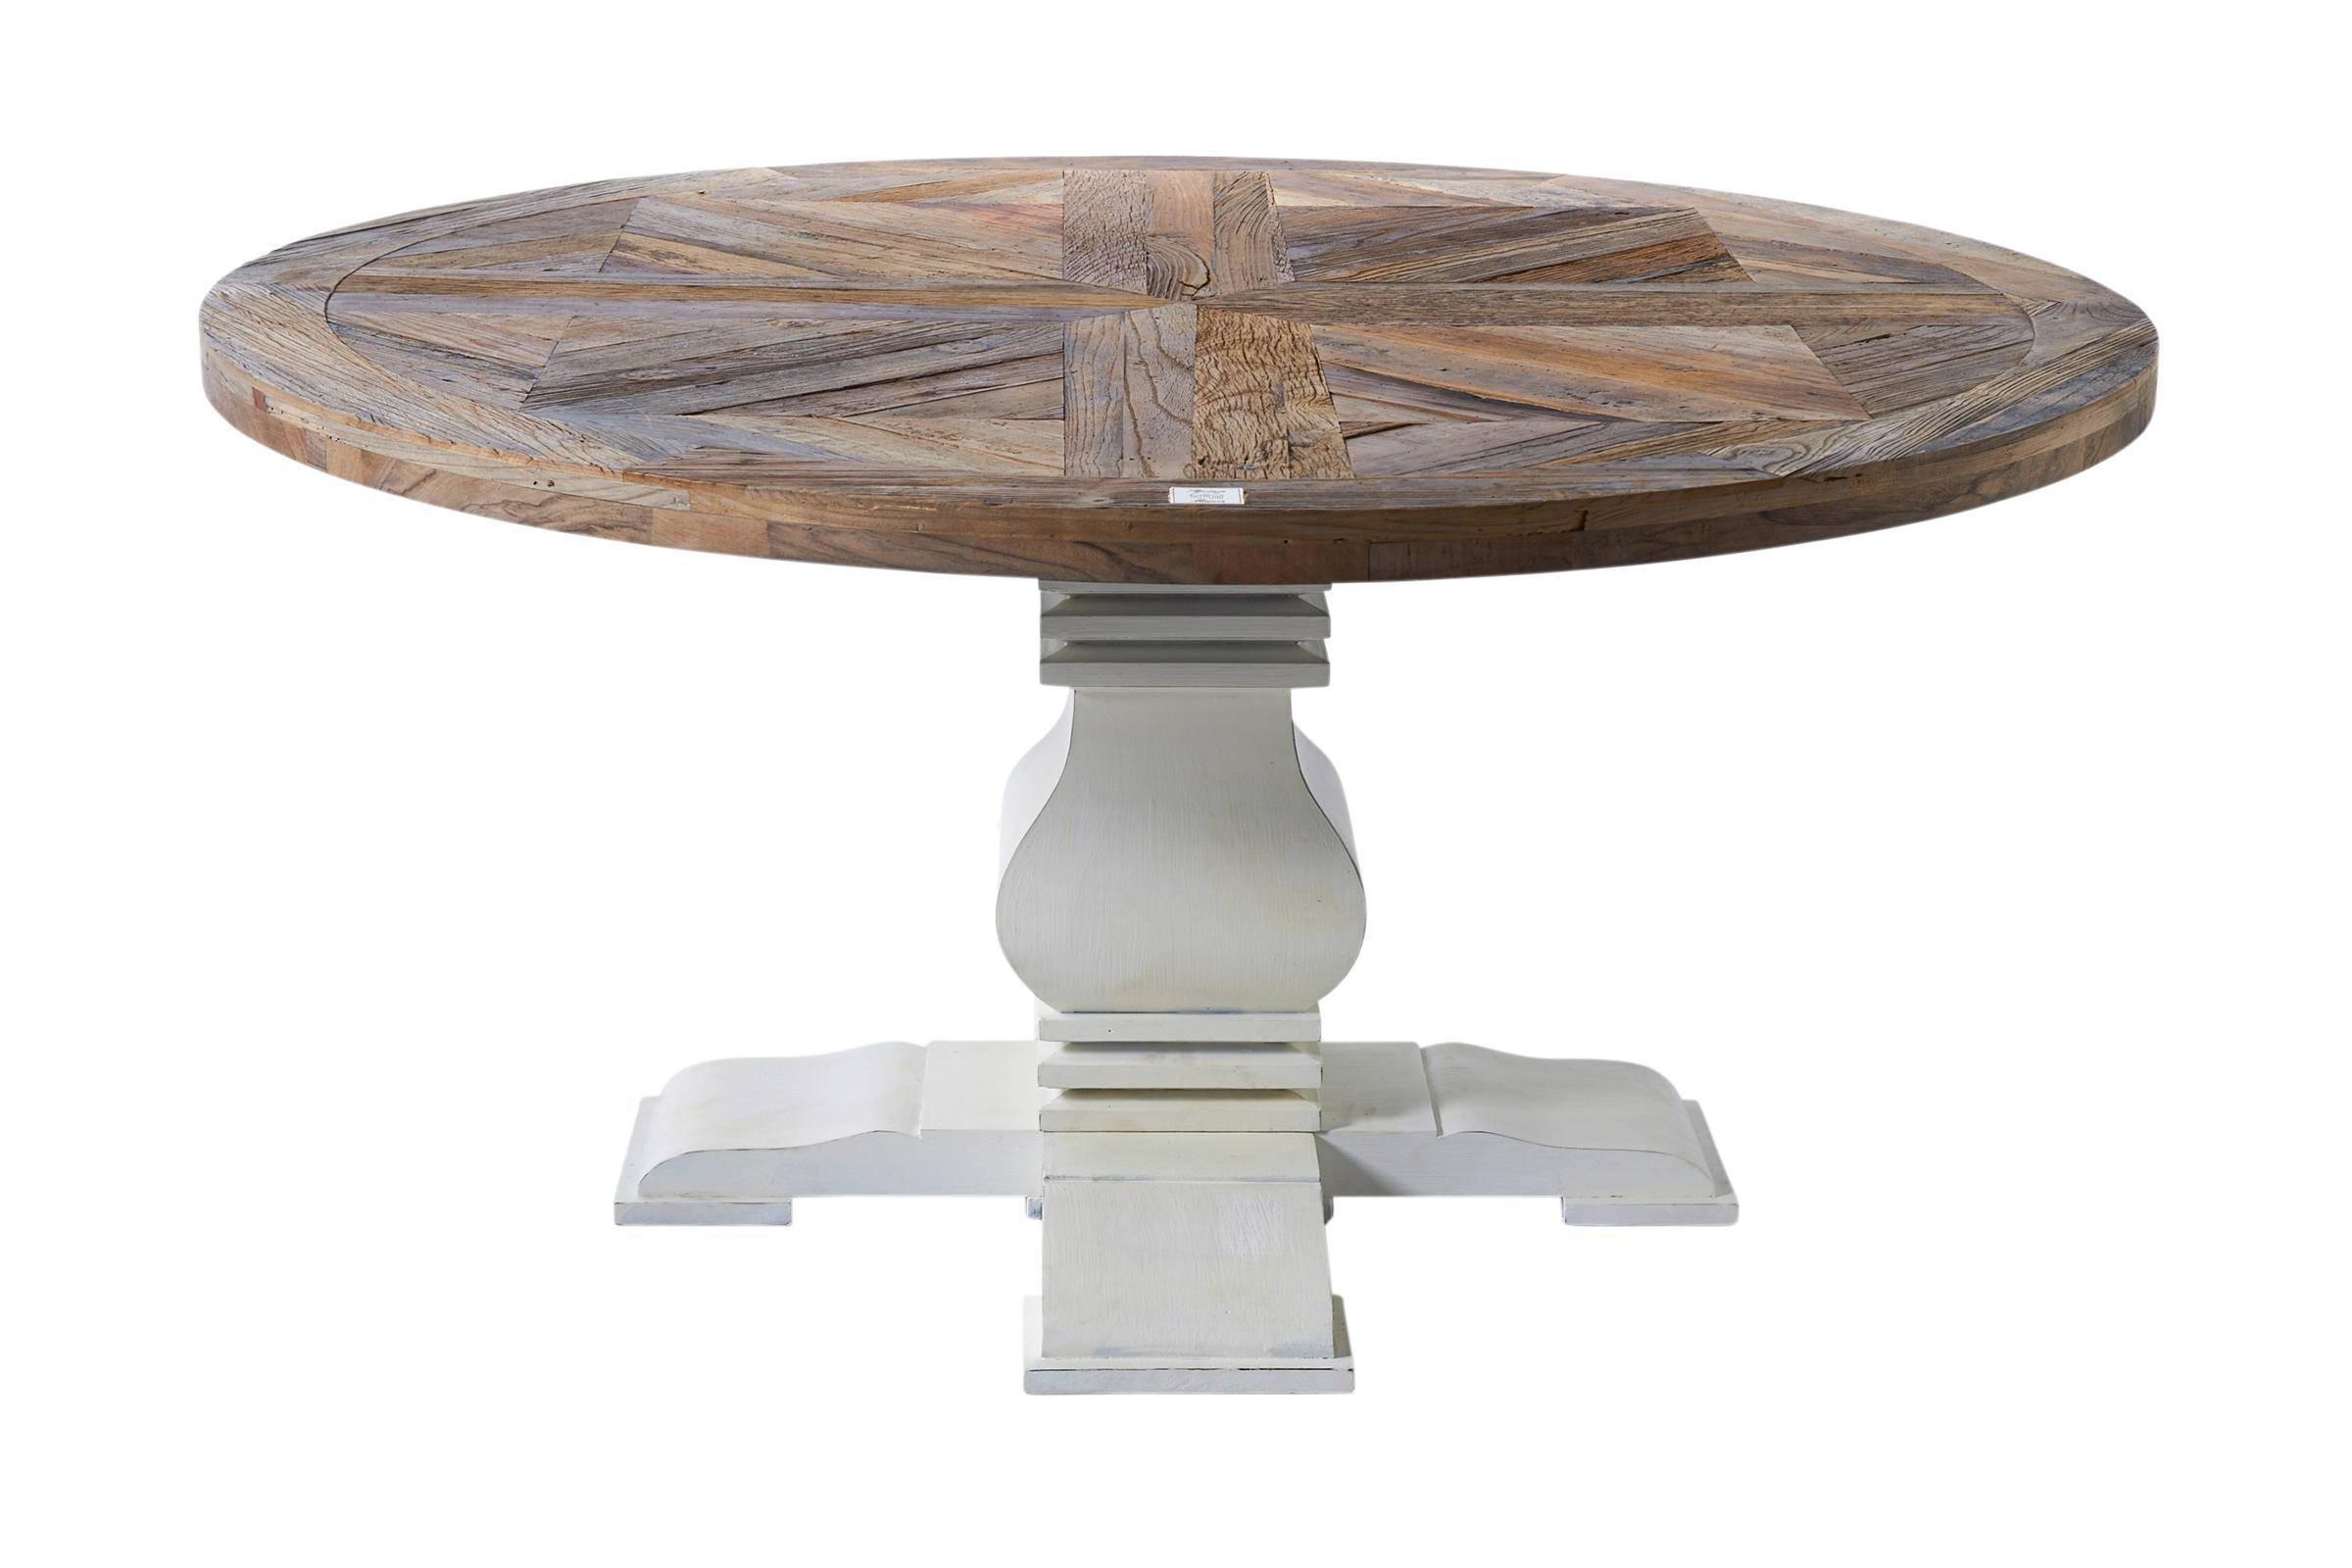 Eettafel jenna set van eetkamerstoelen jenna met halfopen rug wit